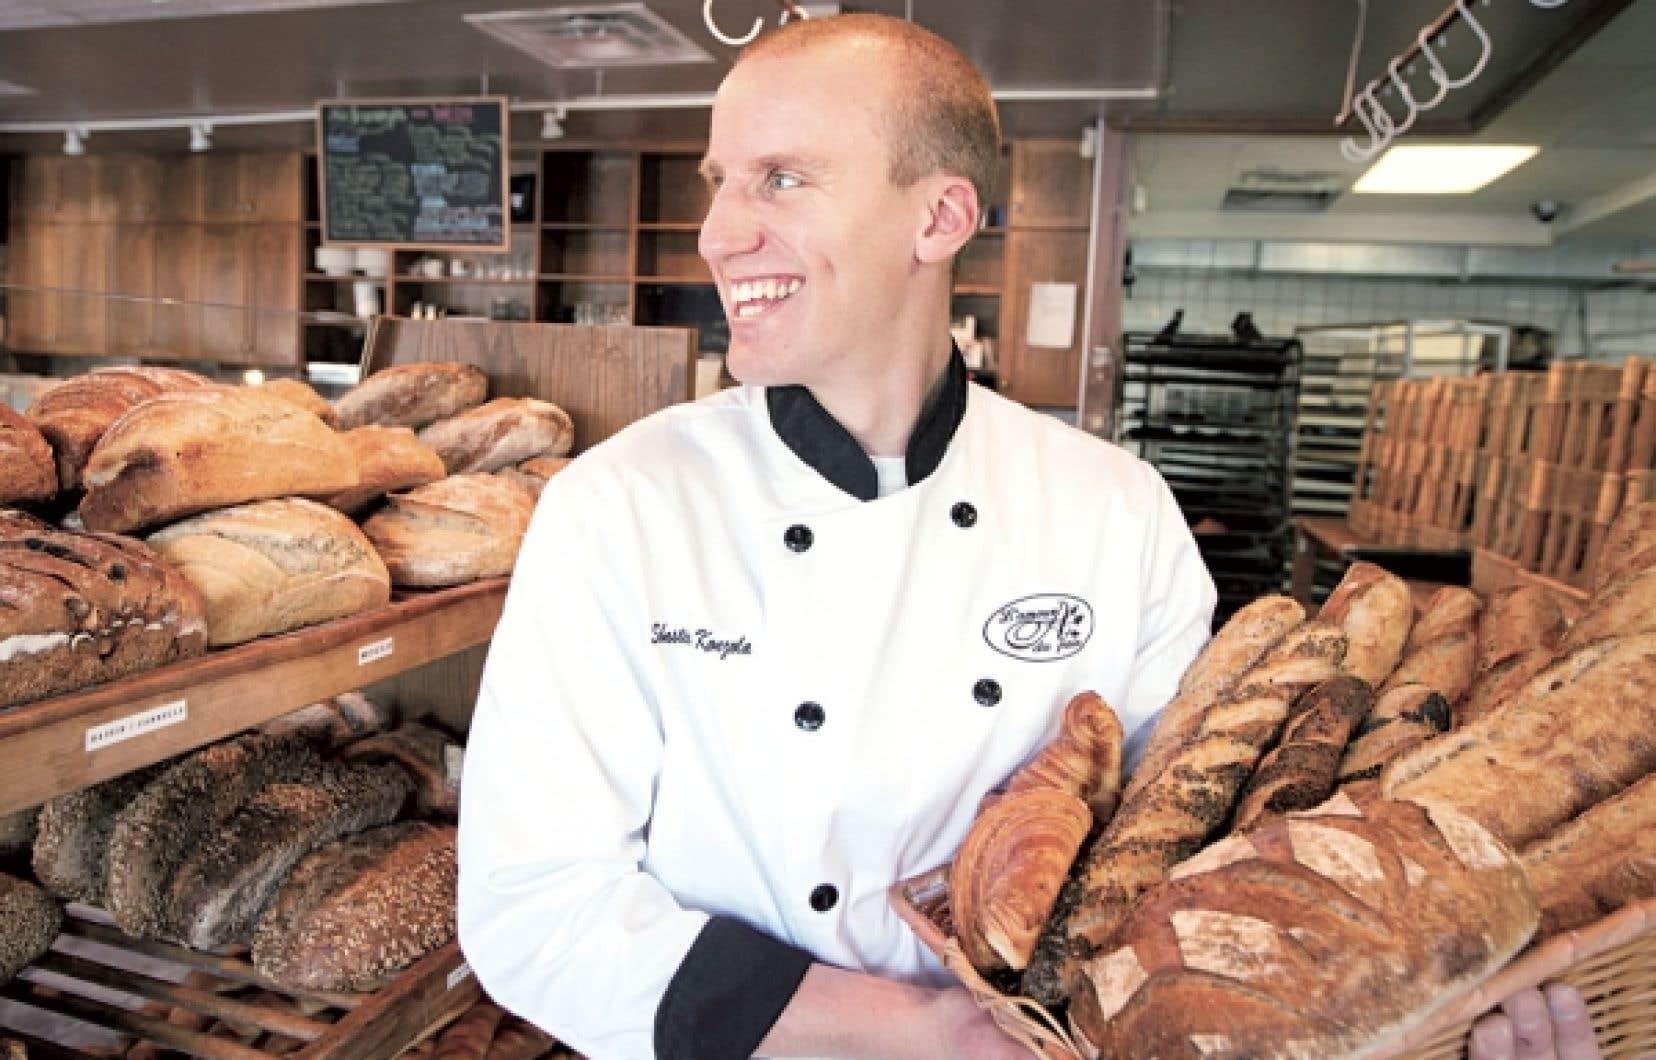 D'origine française, Sébastien Konzola œuvre depuis plusieurs années à L'Amour du pain, à Boucherville.